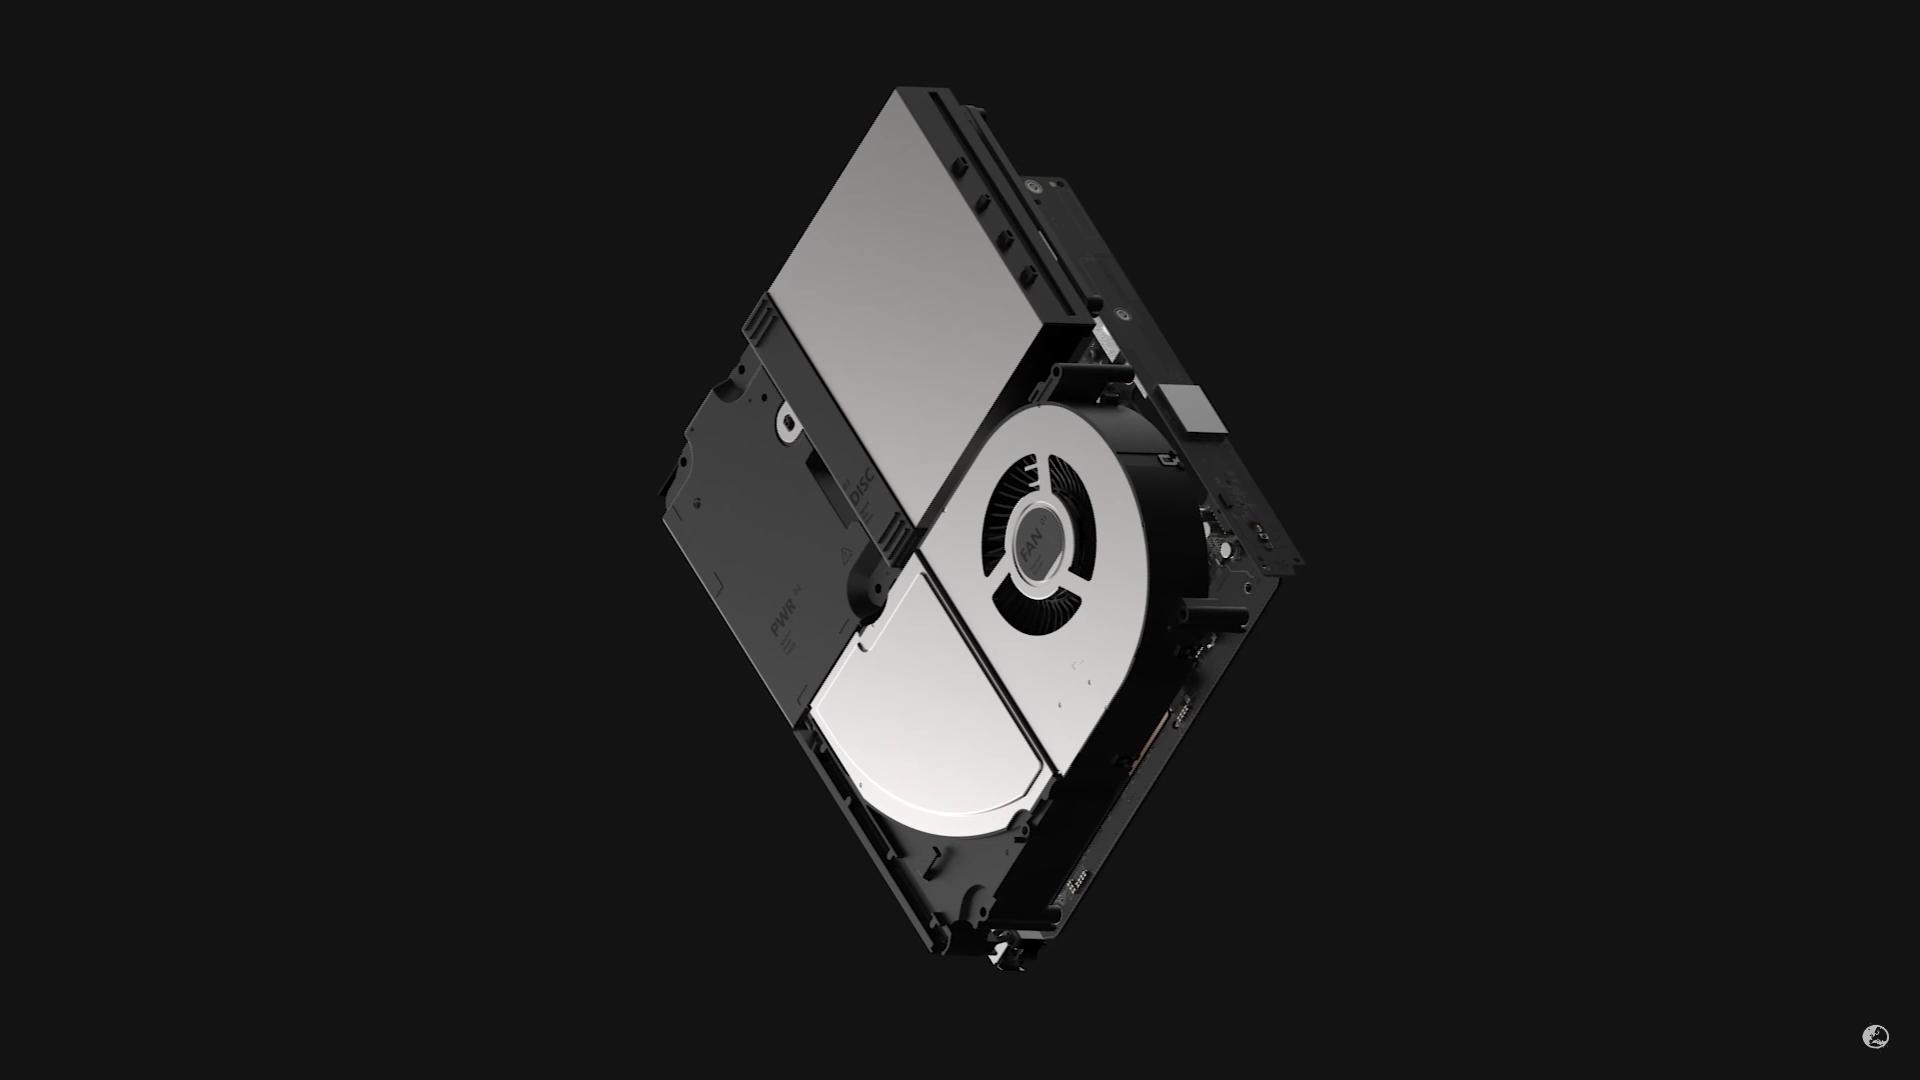 Svelate caratteristiche tecniche e hardware di project scorpio for Nuovo design per l inghilterra